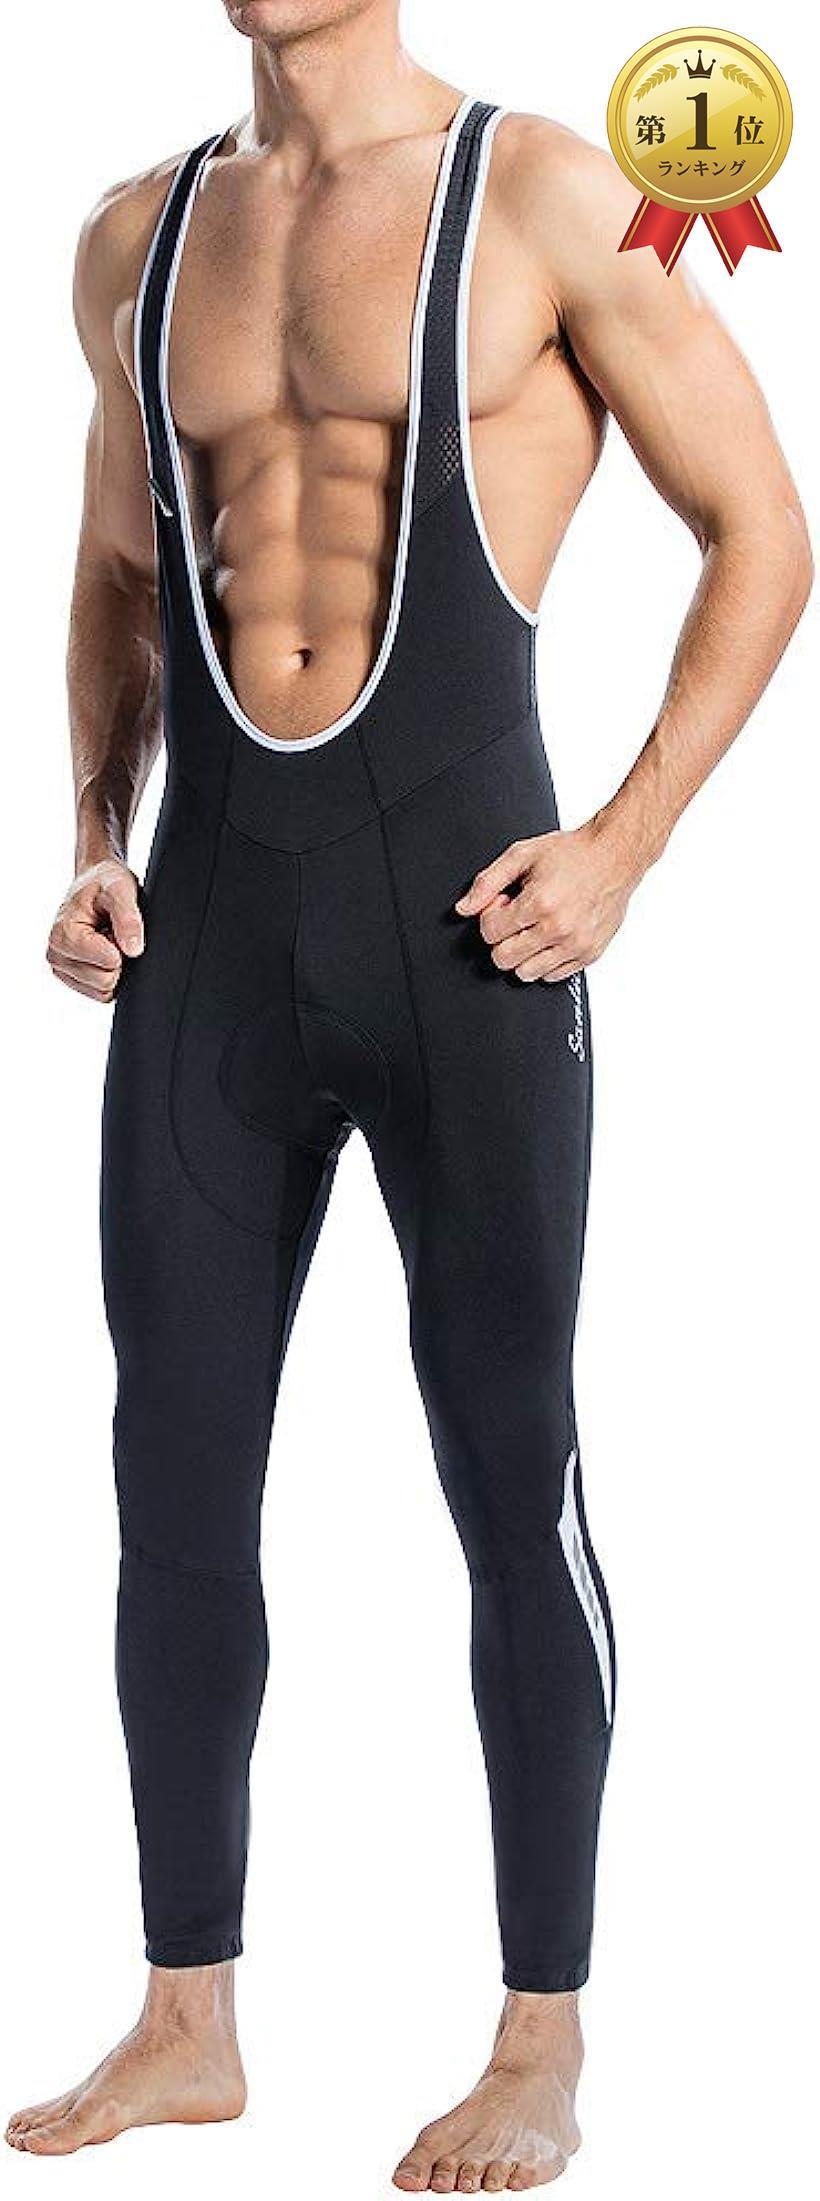 Santic サンティック メンズ ビブパンツ ビブロングタイツ 裏起毛 防寒 XL 毎日激安特売で 営業中です スポーツウェア 卸直営 ブラック 3Dパッド付き サイクルウェア 自転車